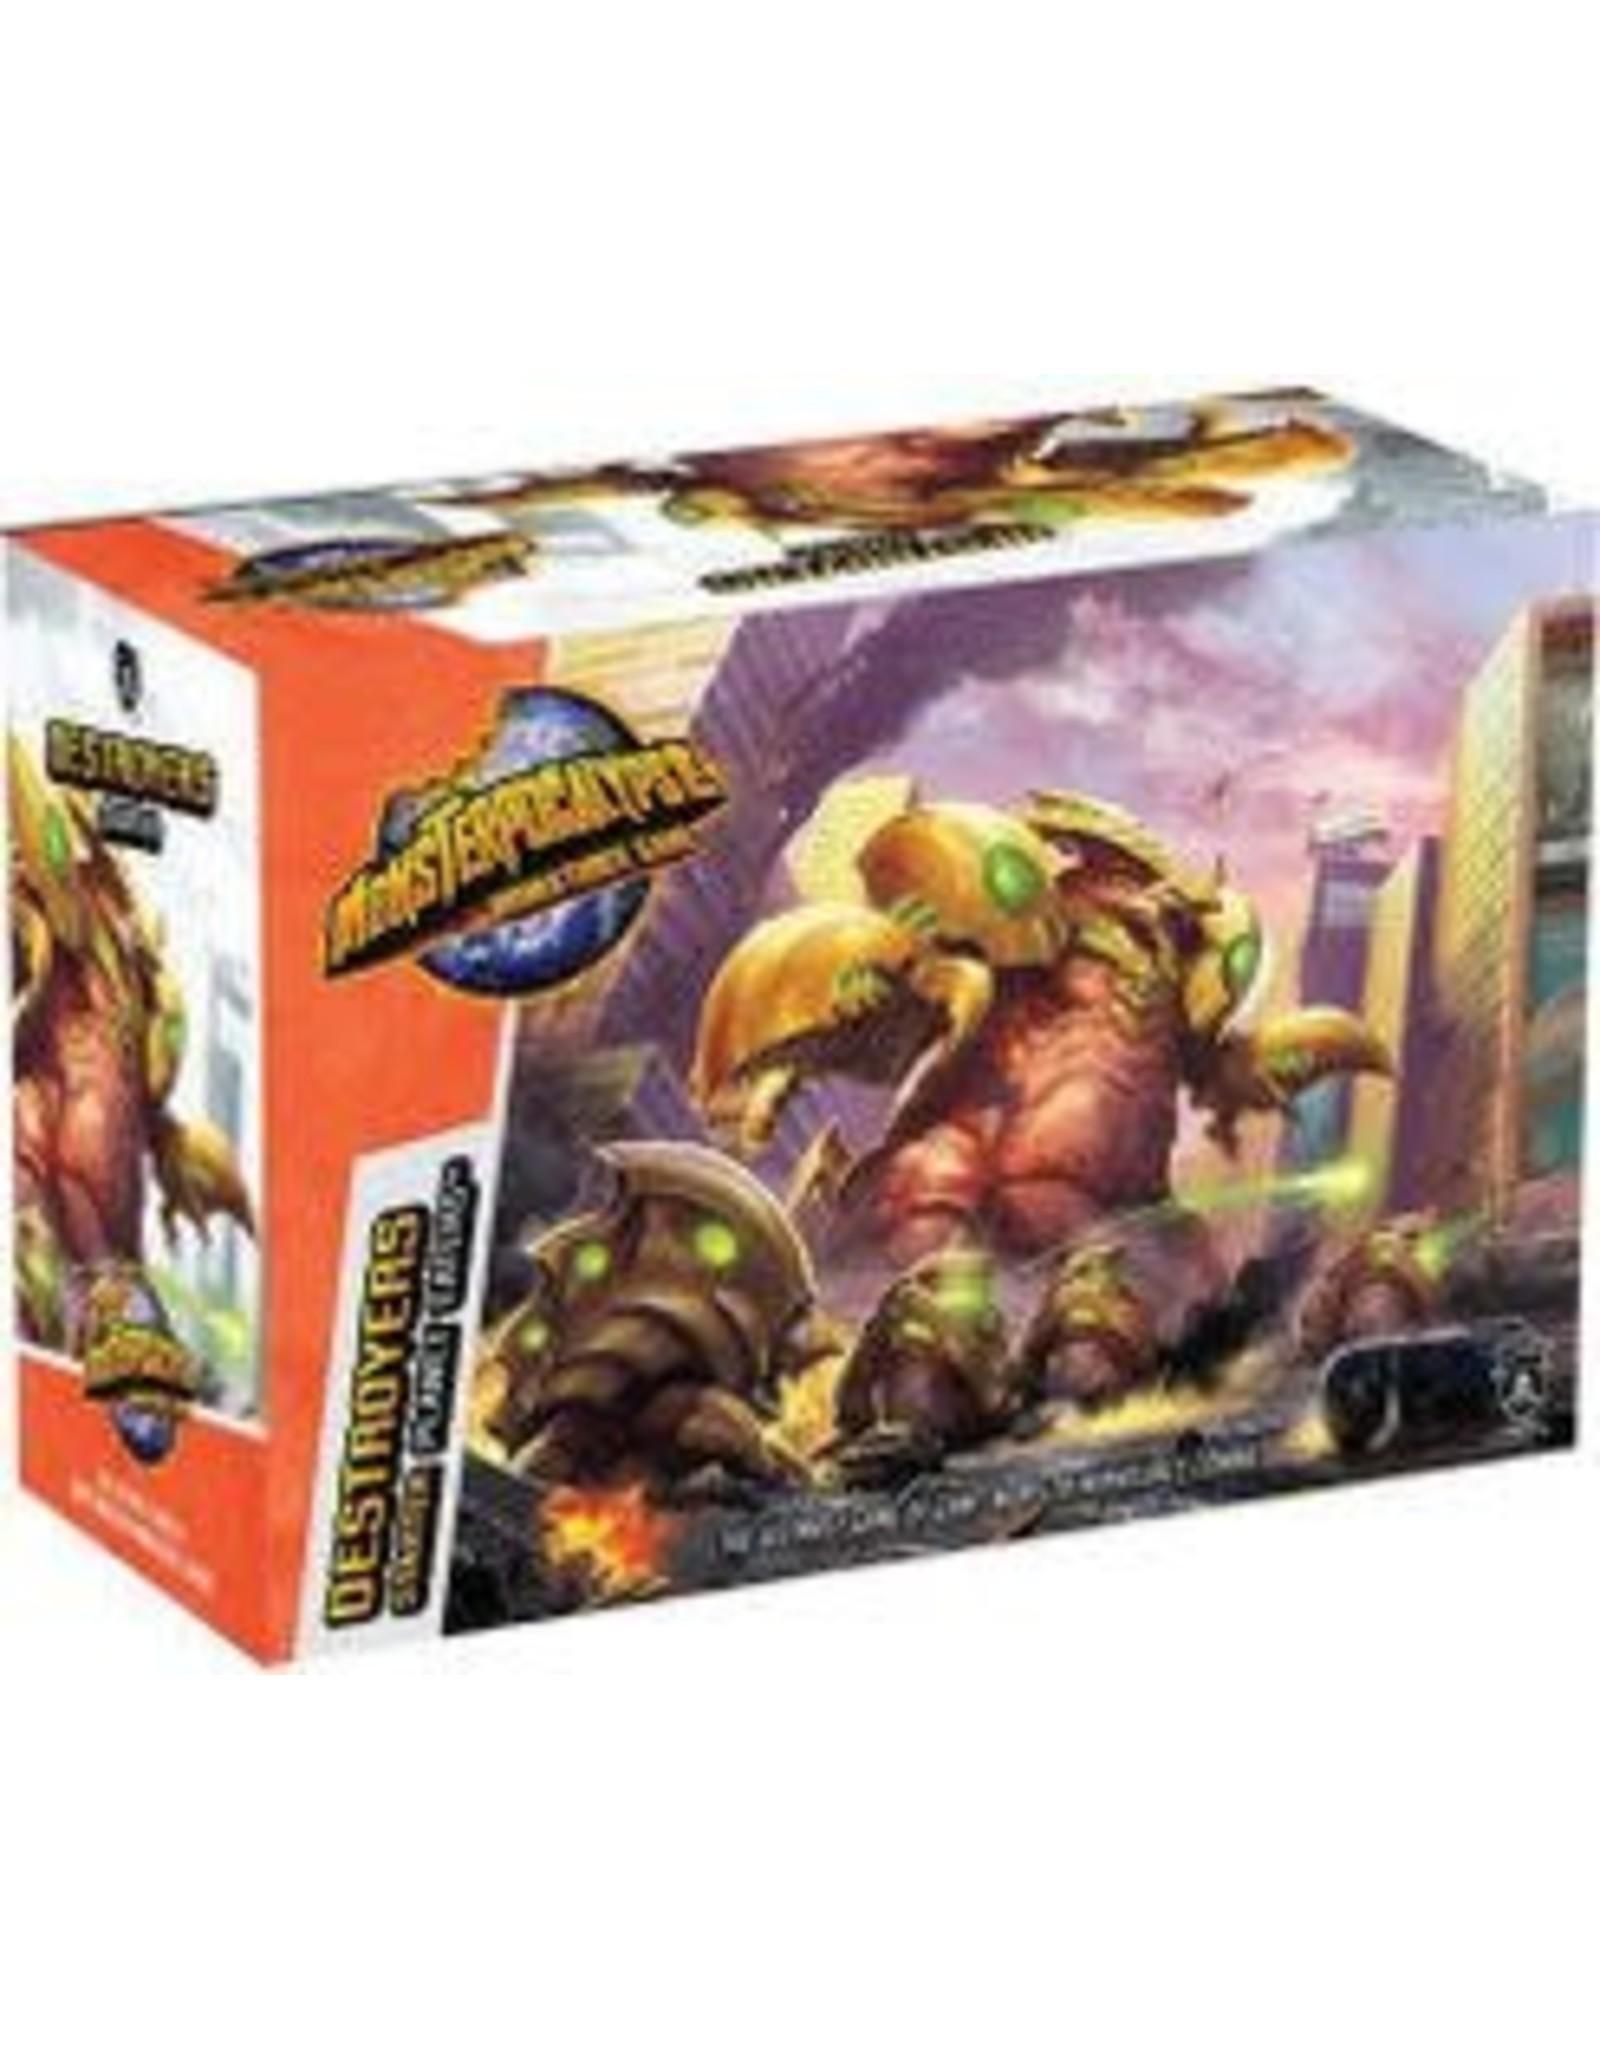 Monsterpocalypse: Destroyers